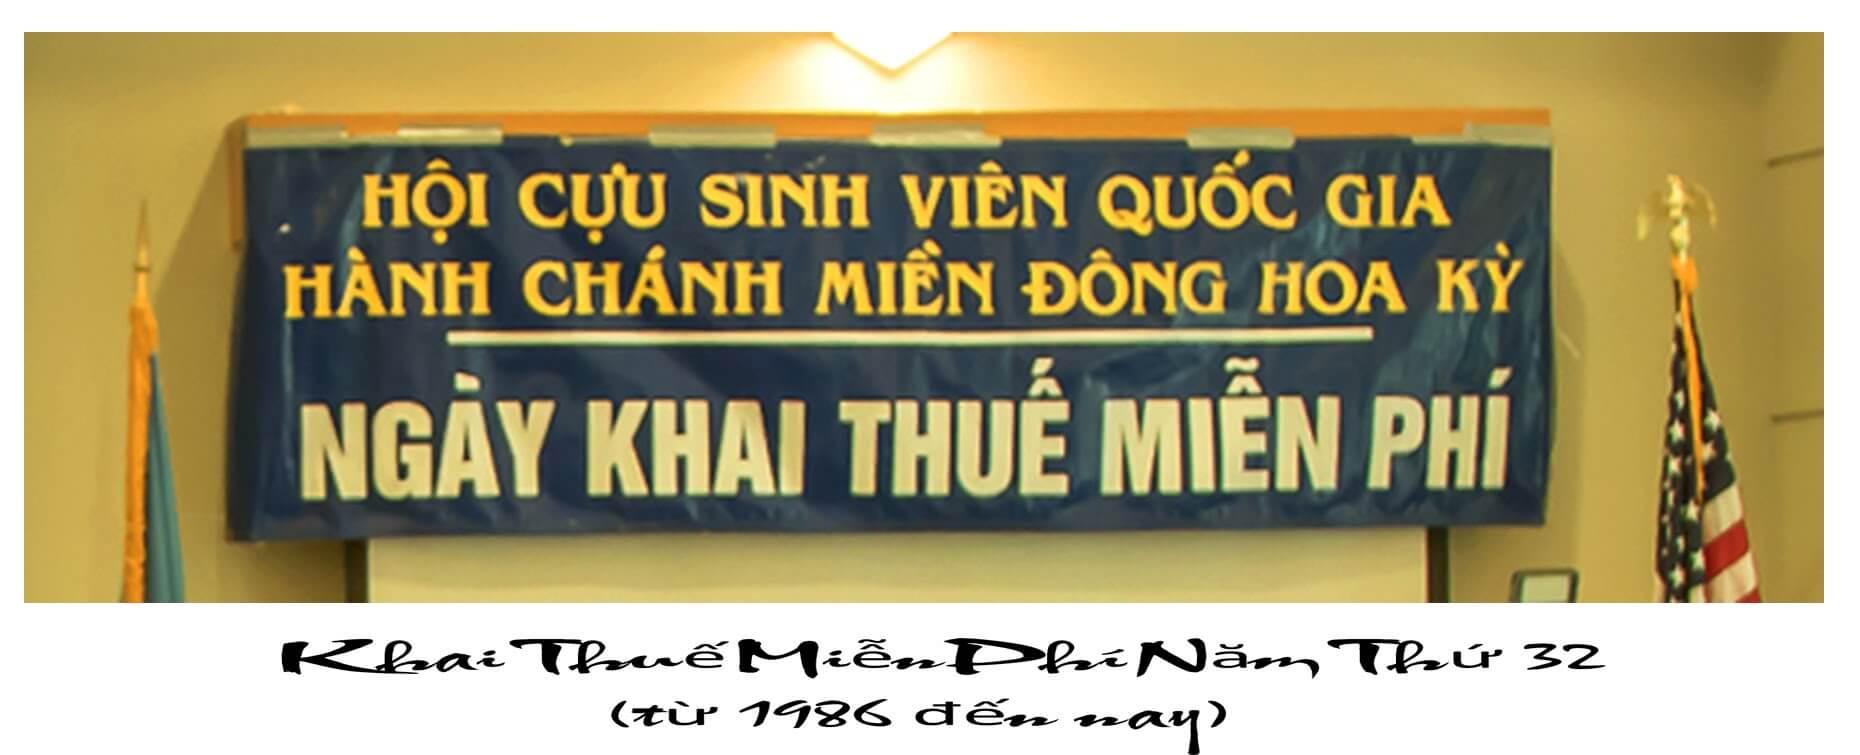 Hình ảnh Ngày Khai Thuế Miễn Phí 2018